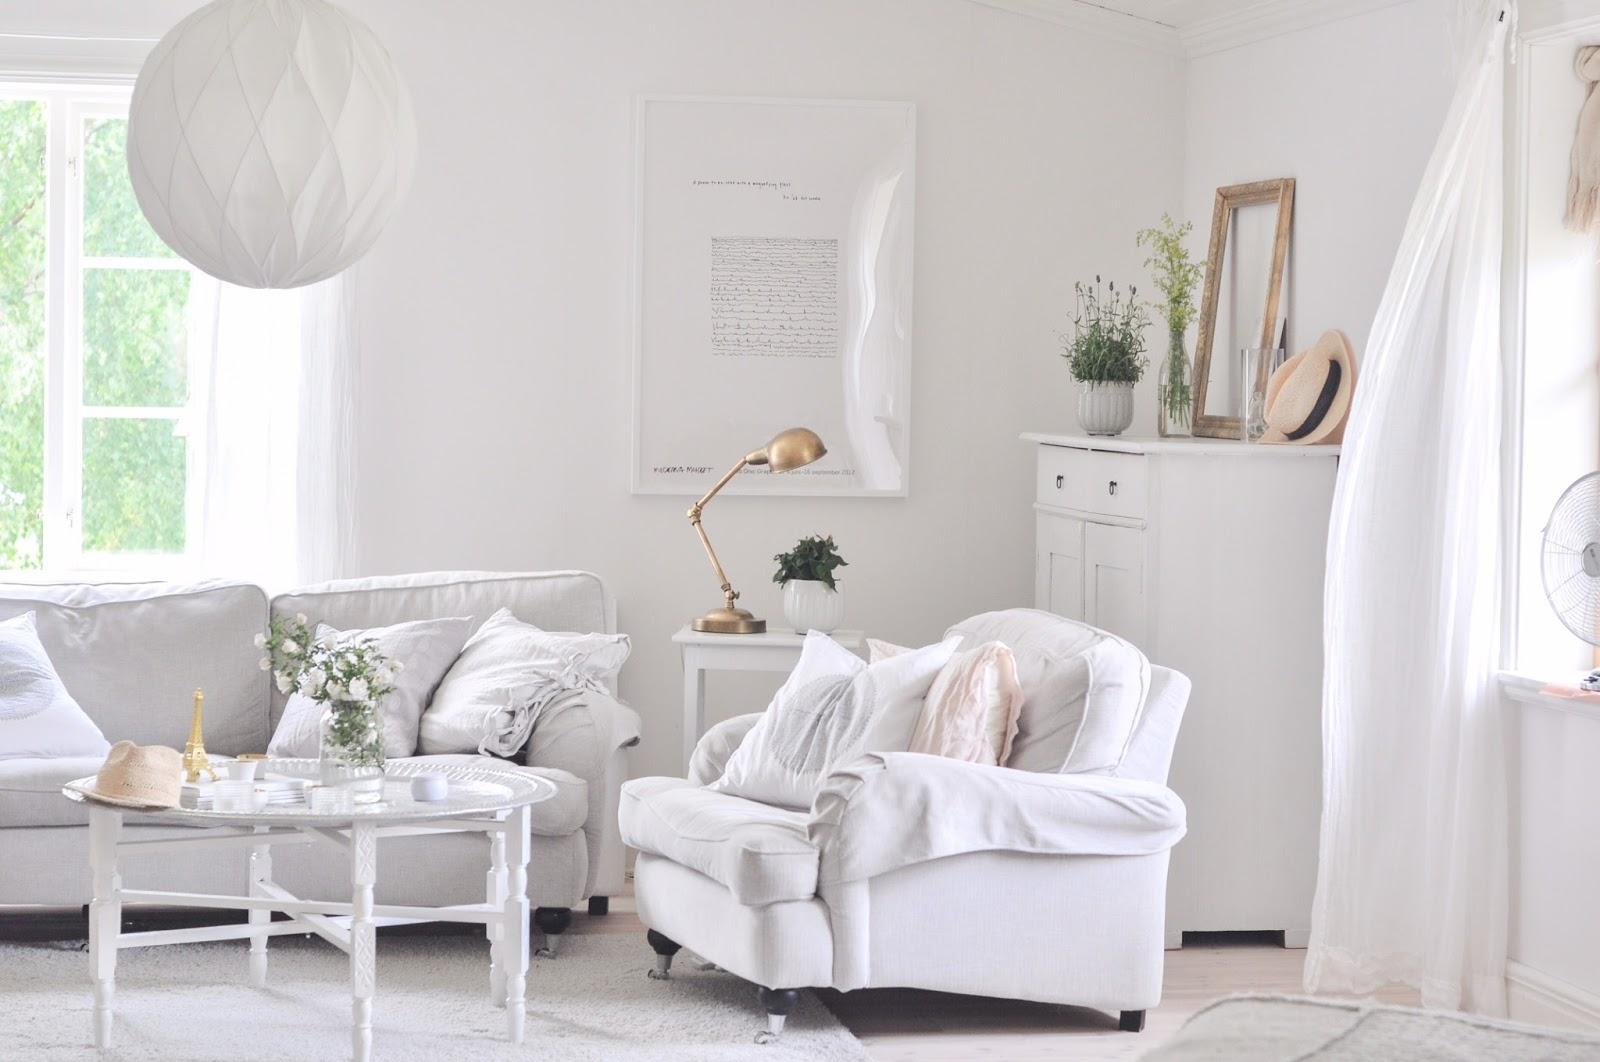 Marias vita bo: vardagsrum i sommarvärme